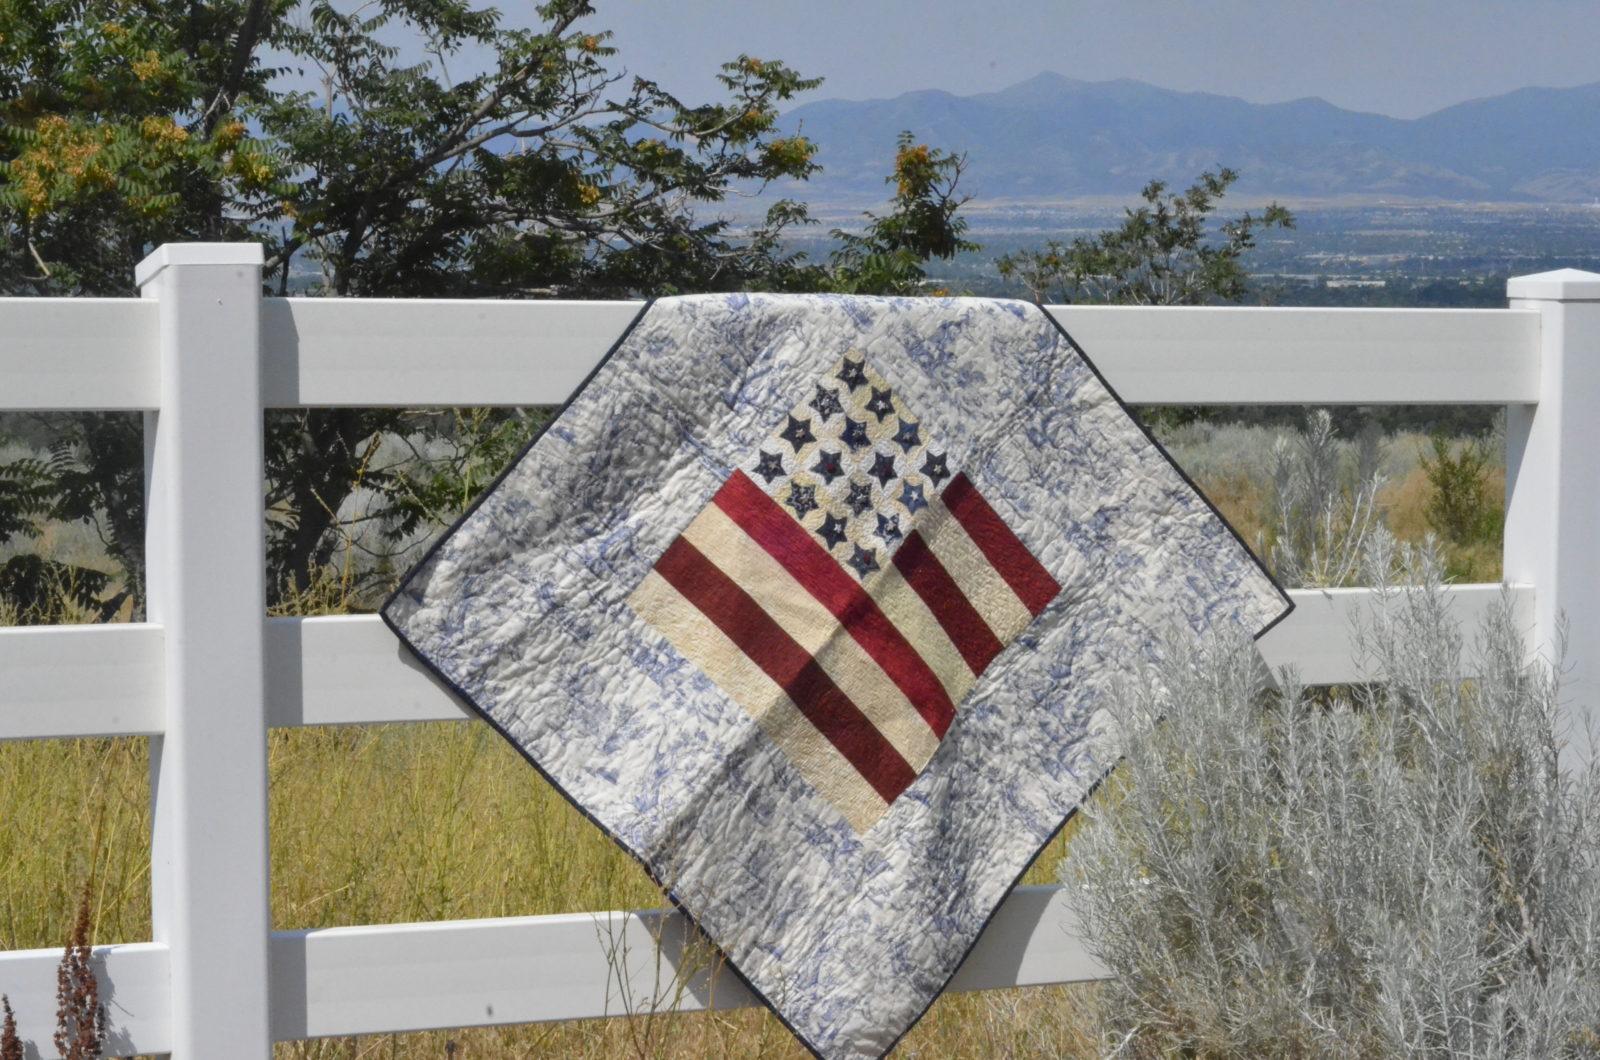 America Flag Patriotic Quilt with Toile Fabric